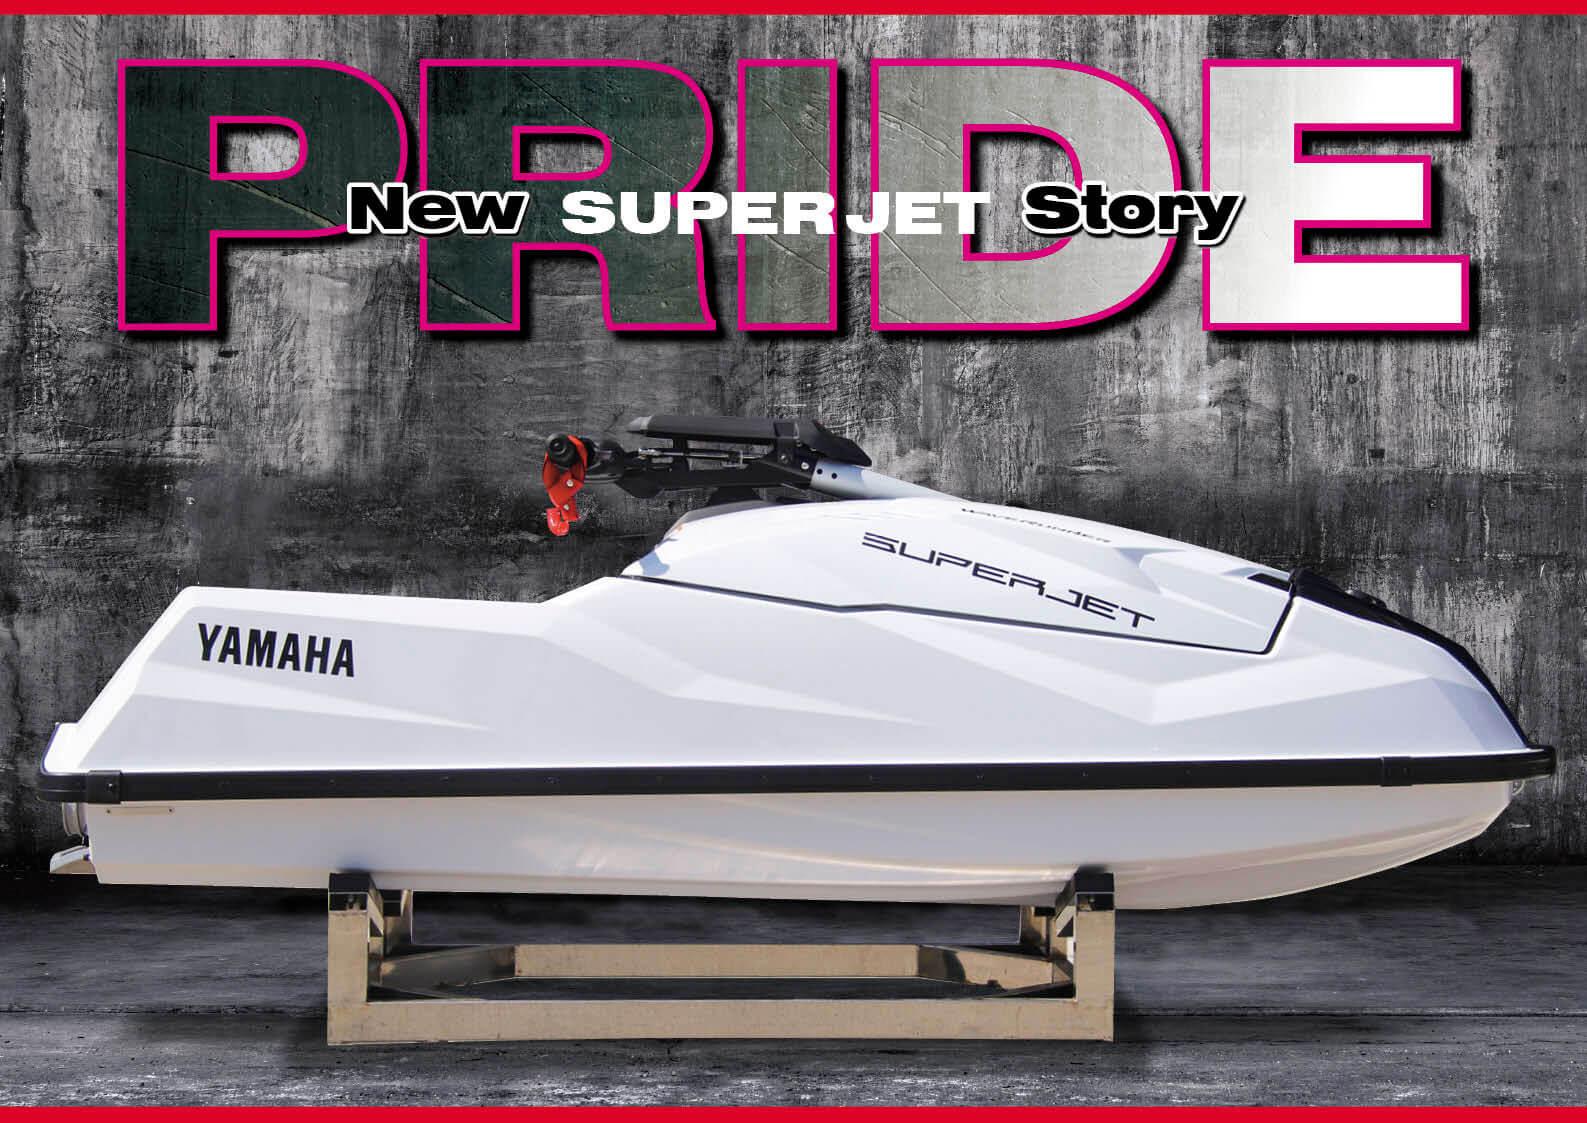 2021 ヤマハ マリンジェット 国内販売ラインナップ  (水上バイク)ジェットスキー